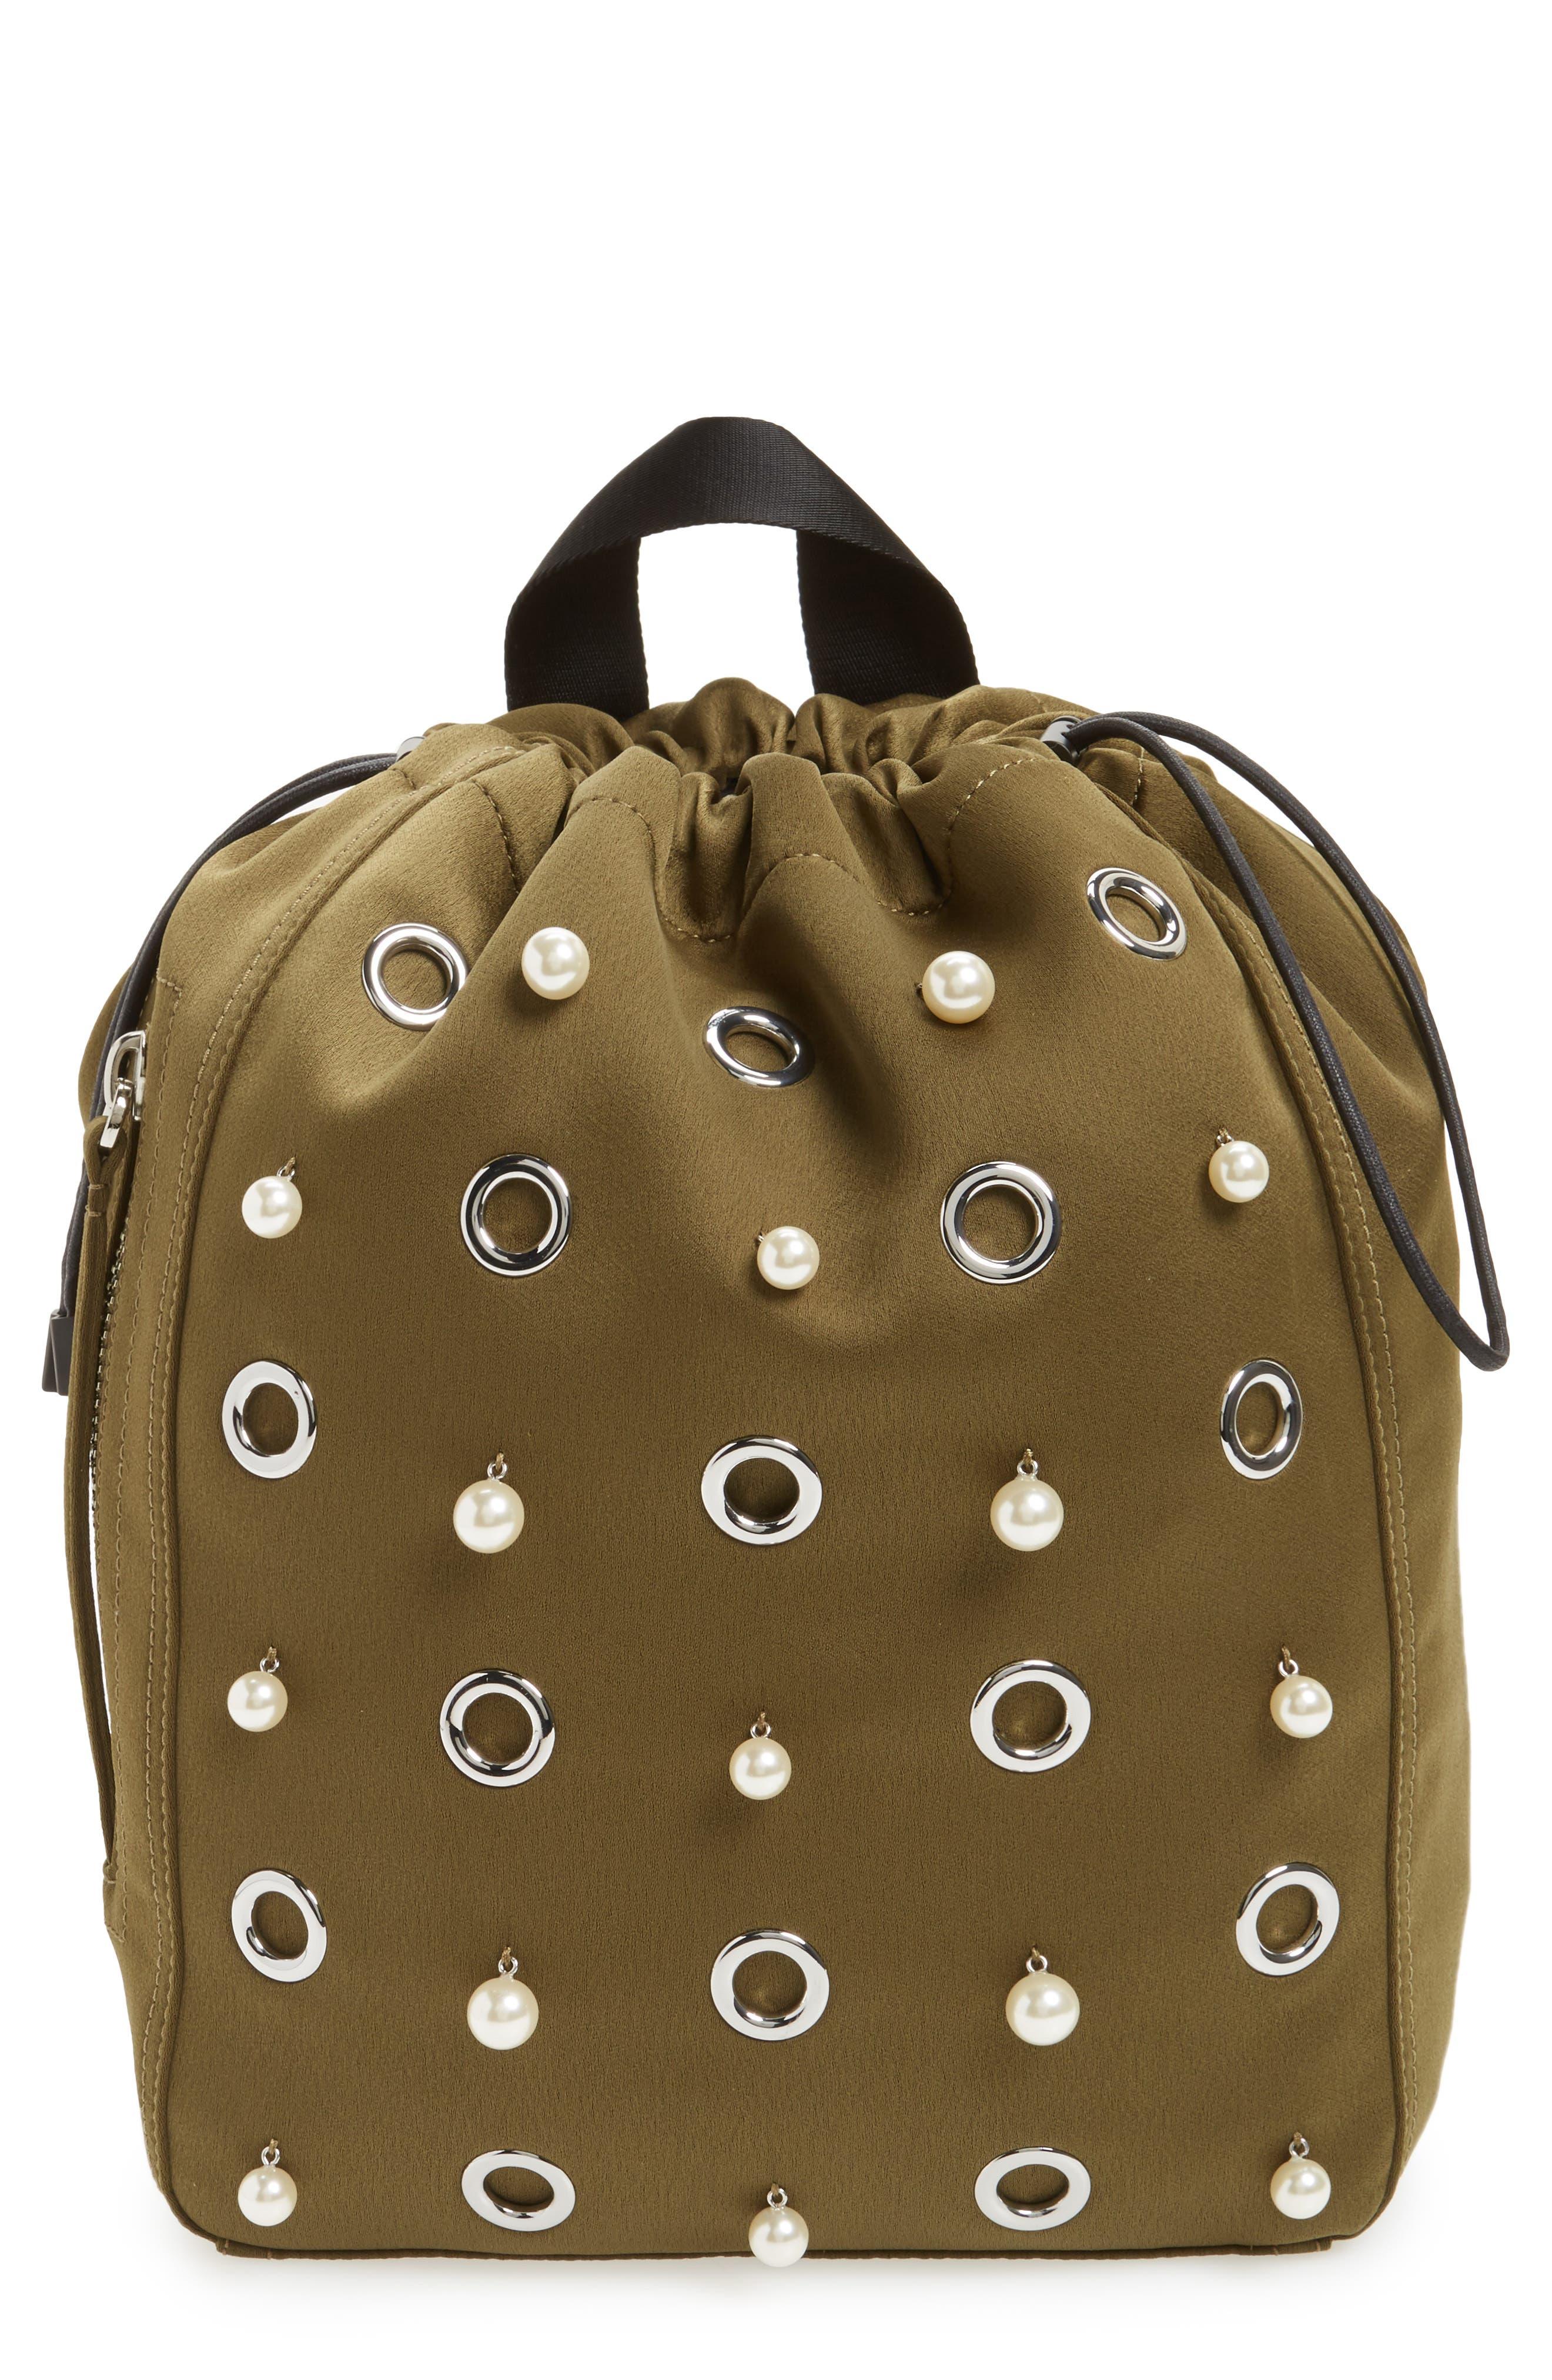 3.1 PHILLIP LIM Phillip Lim 3.1 Medium Go-Go Embellished Backpack